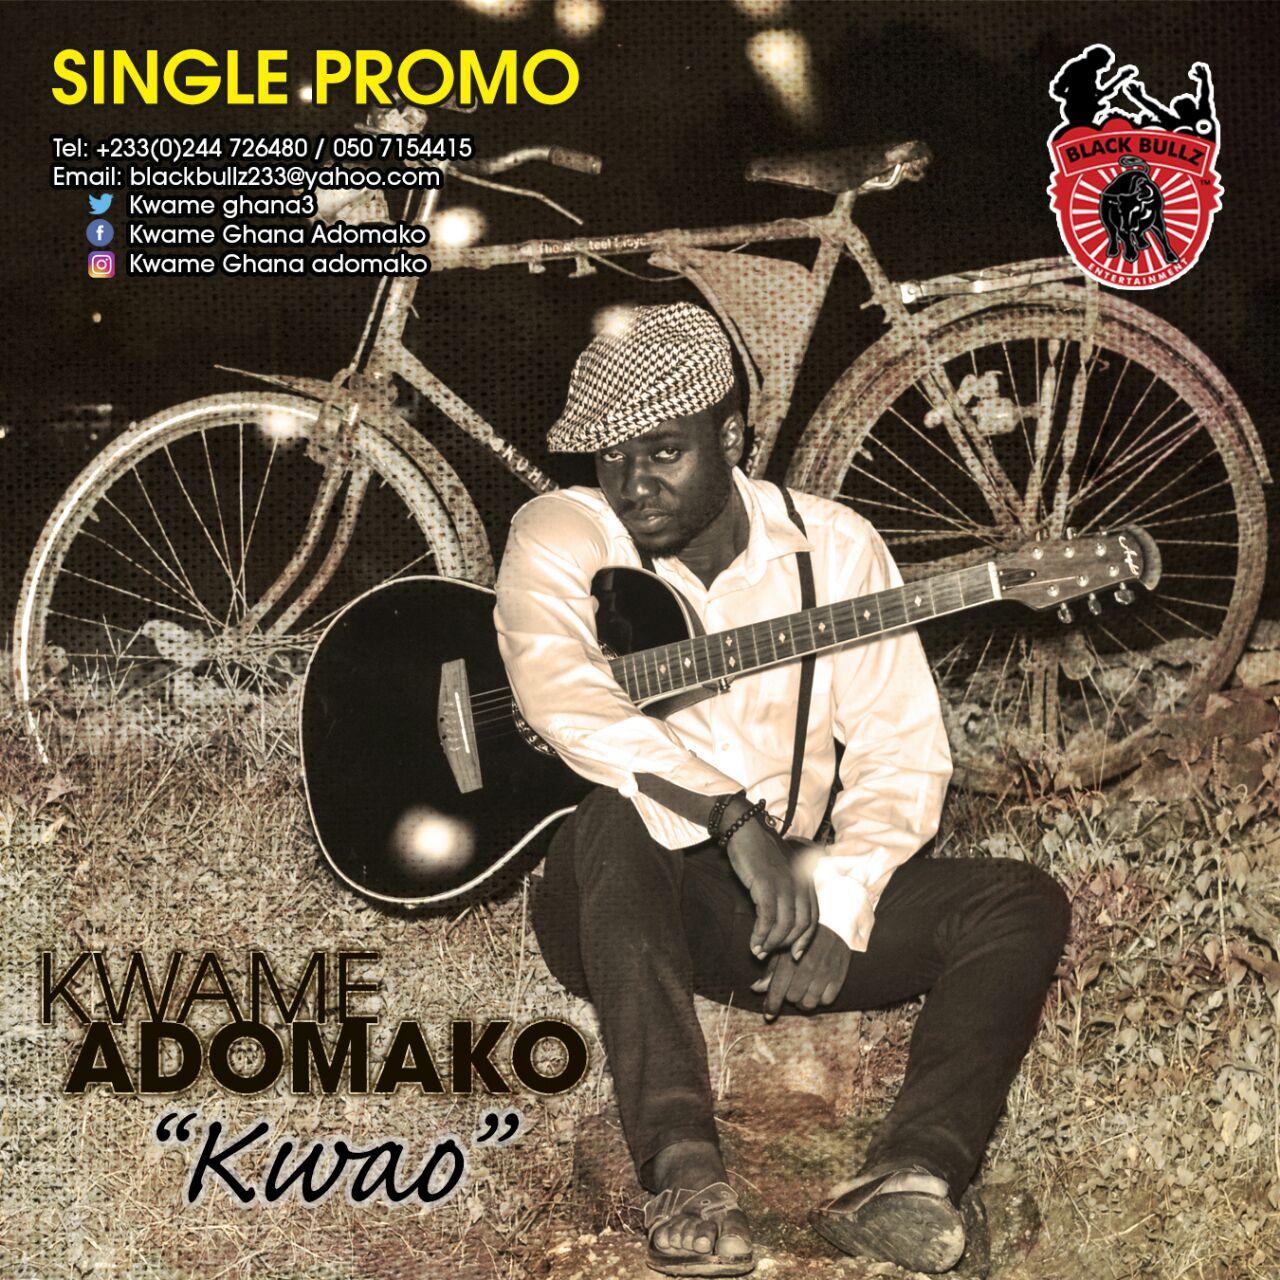 Kwame Adomako Kwao